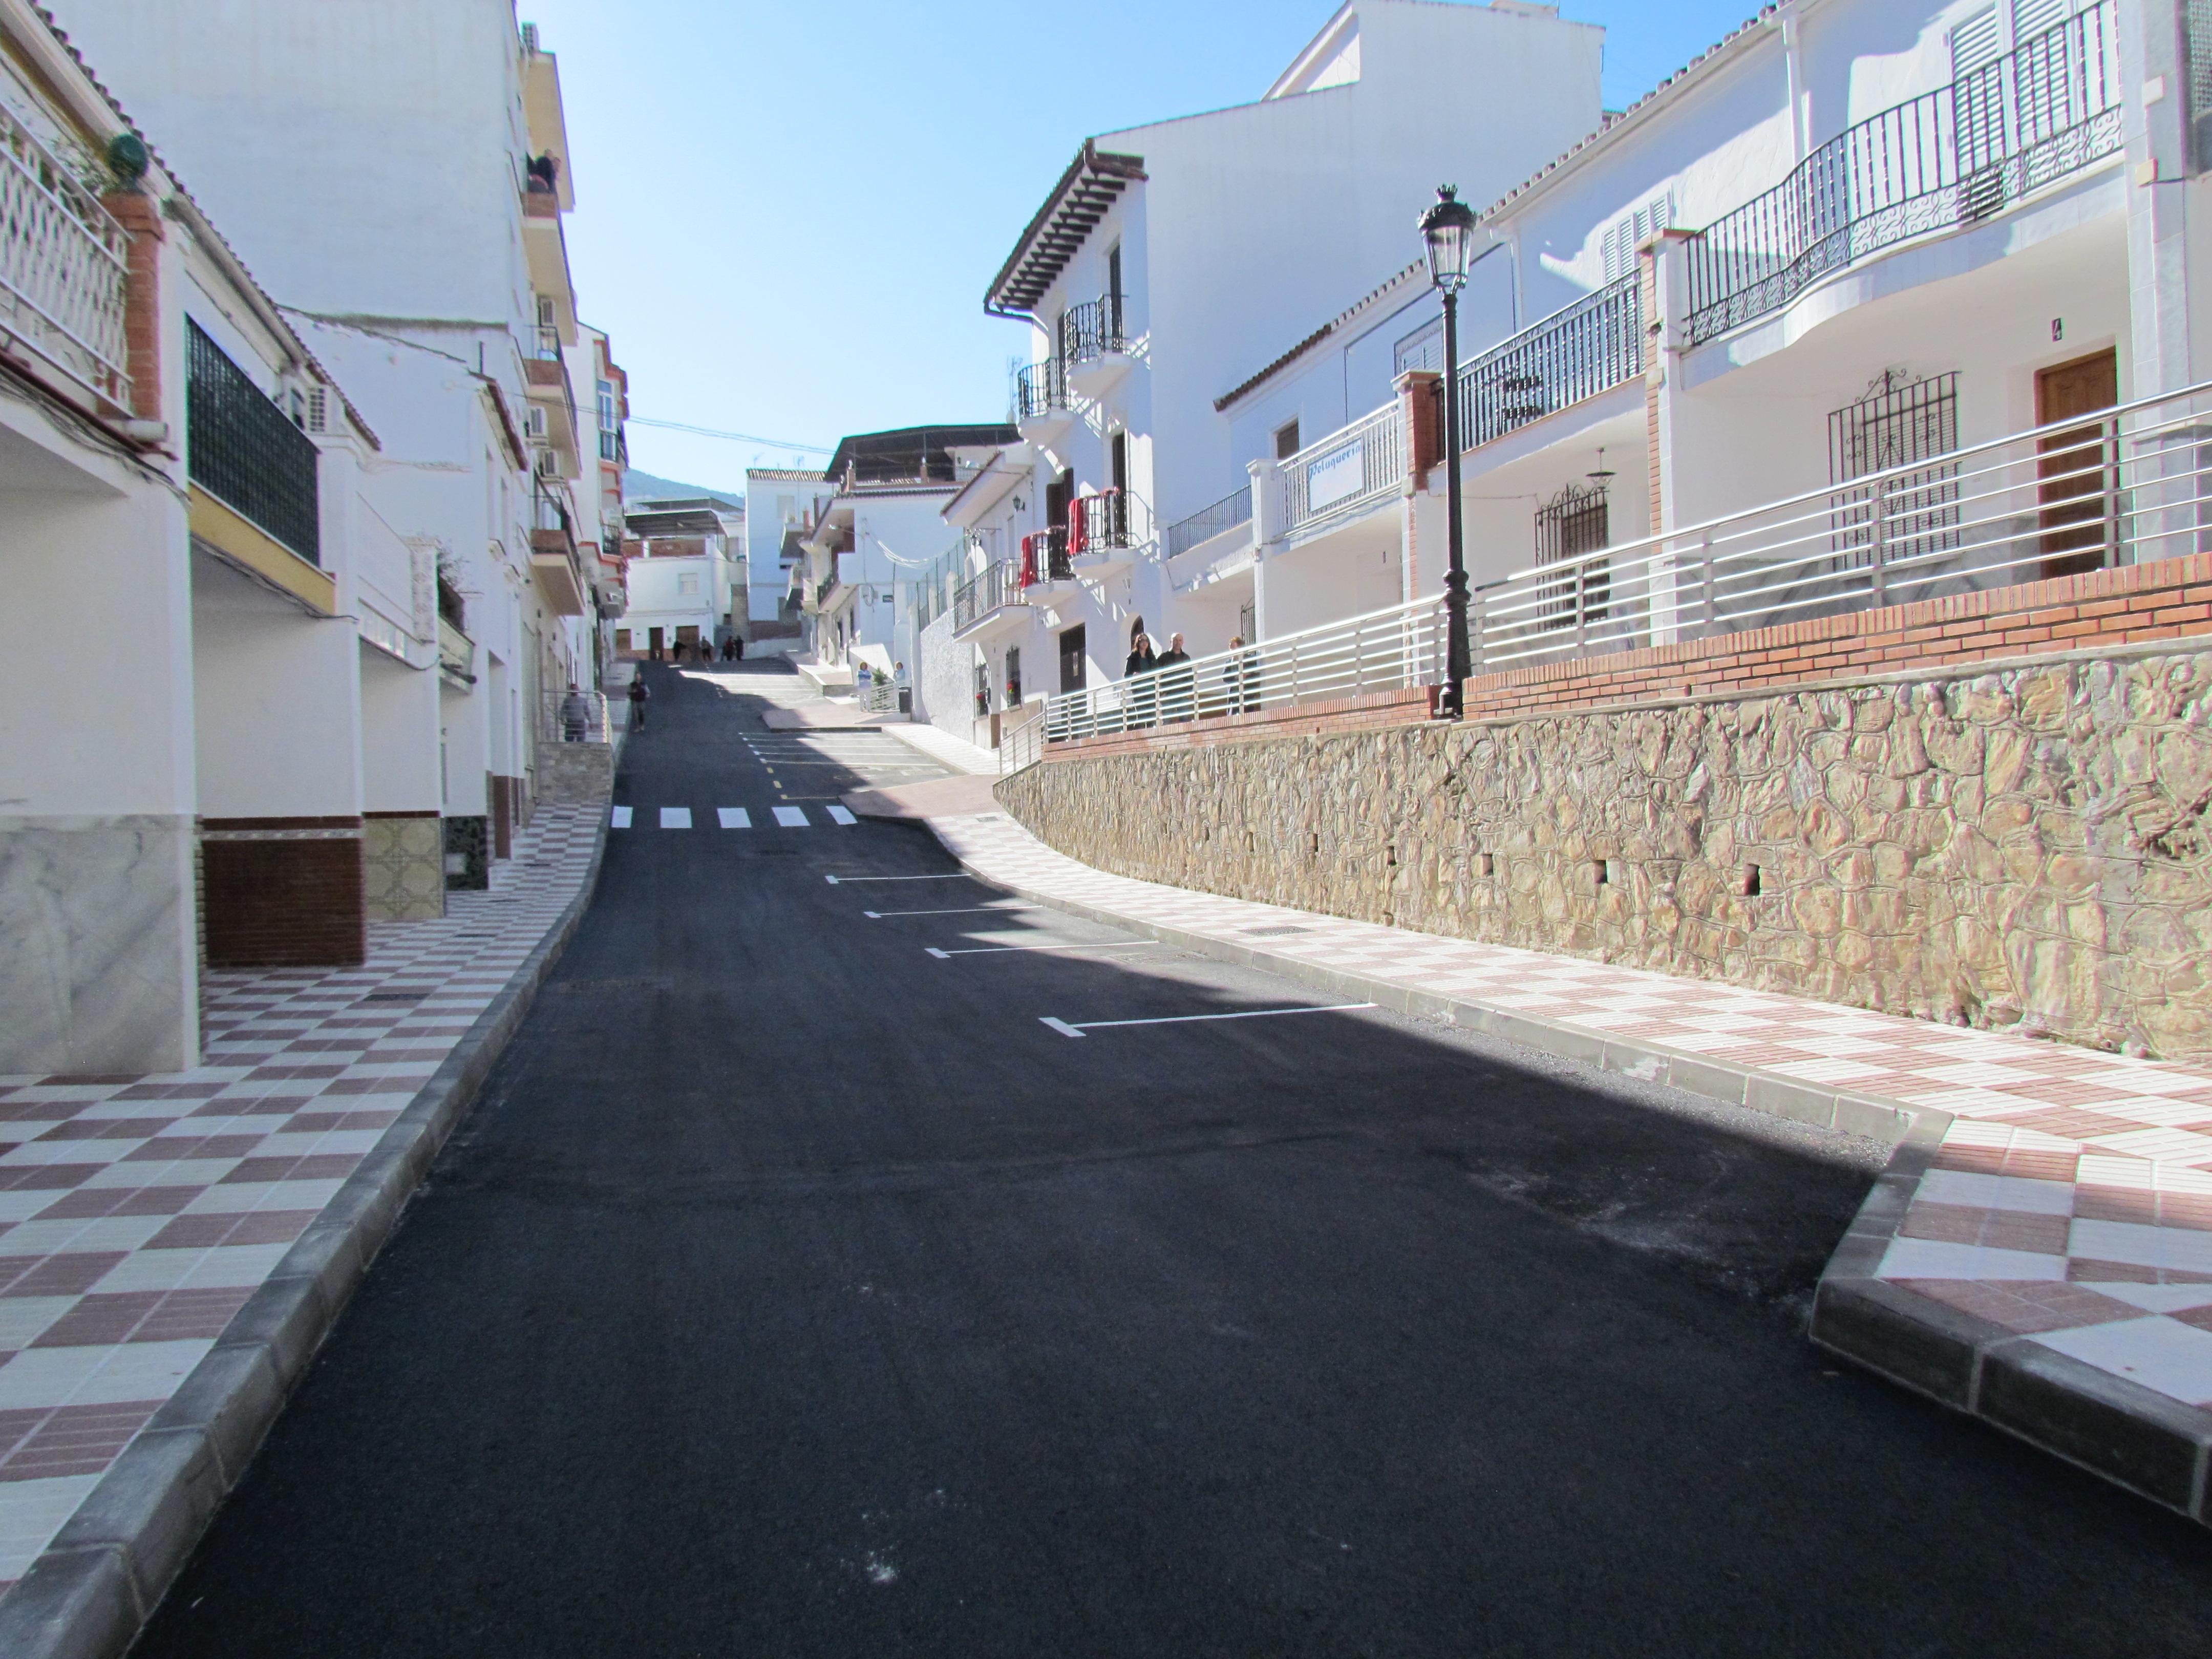 La alcaldesa preside la apertura de calle Virgen de la Paz tras su remodelación.